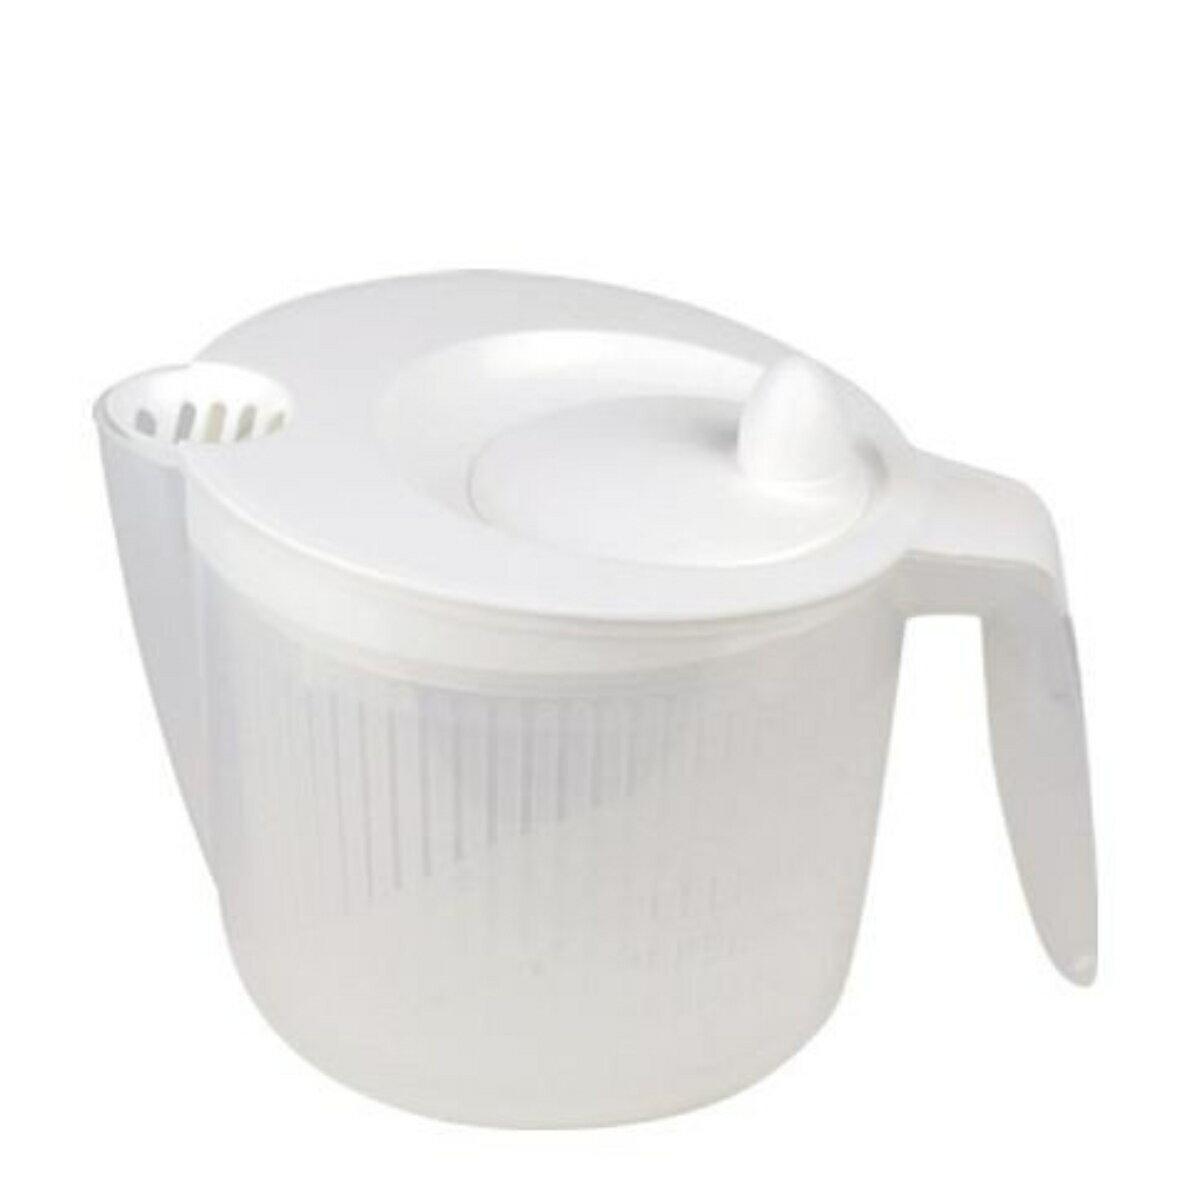 野菜水切り器 サラダスピナー グリップ式  ( 野菜 水切り スピナー キッチンツール キッチン用品 )